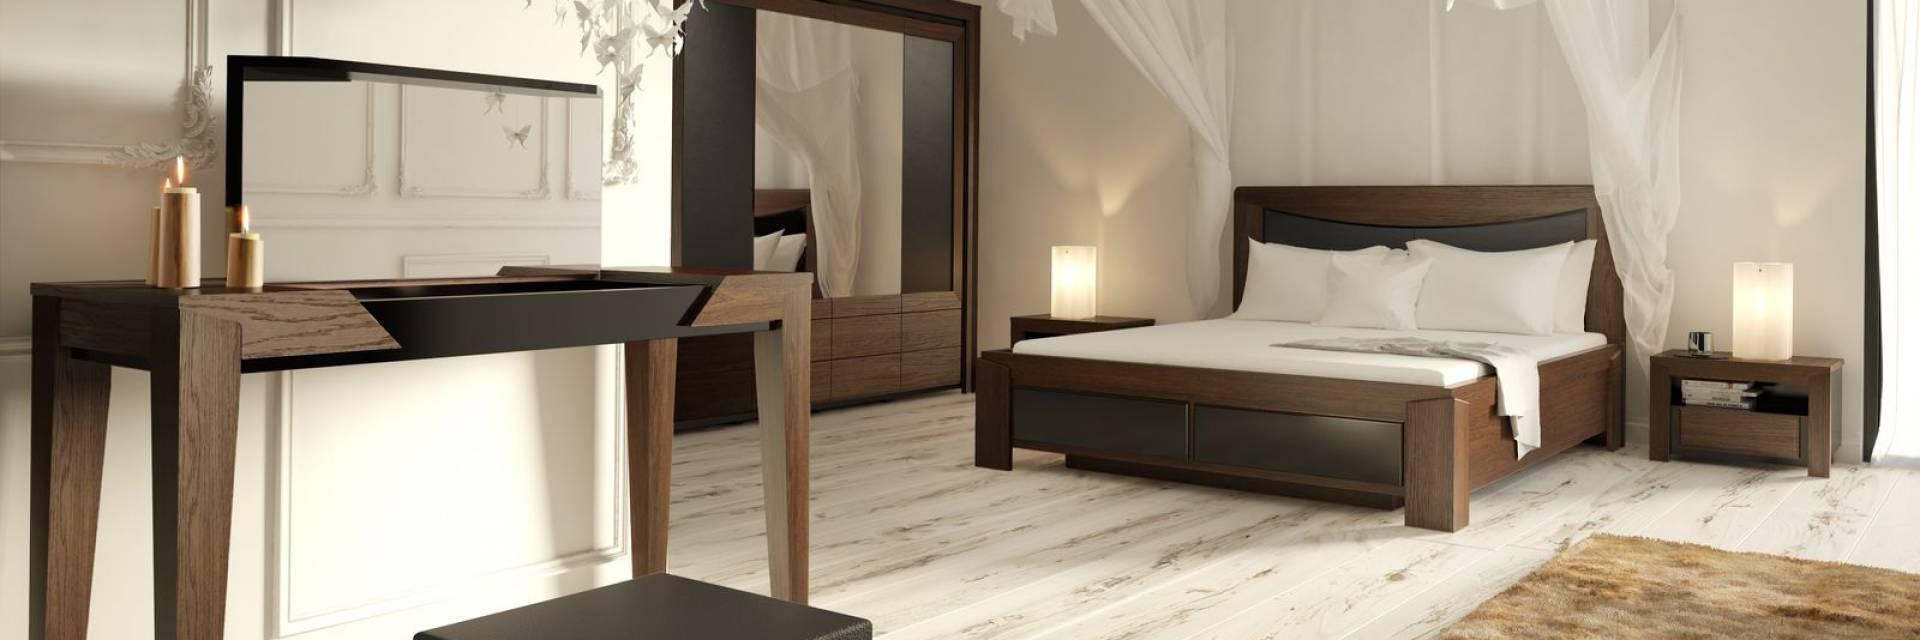 Meble Stylowe do Sypialni Sempre z Litego Drewna Dębowego